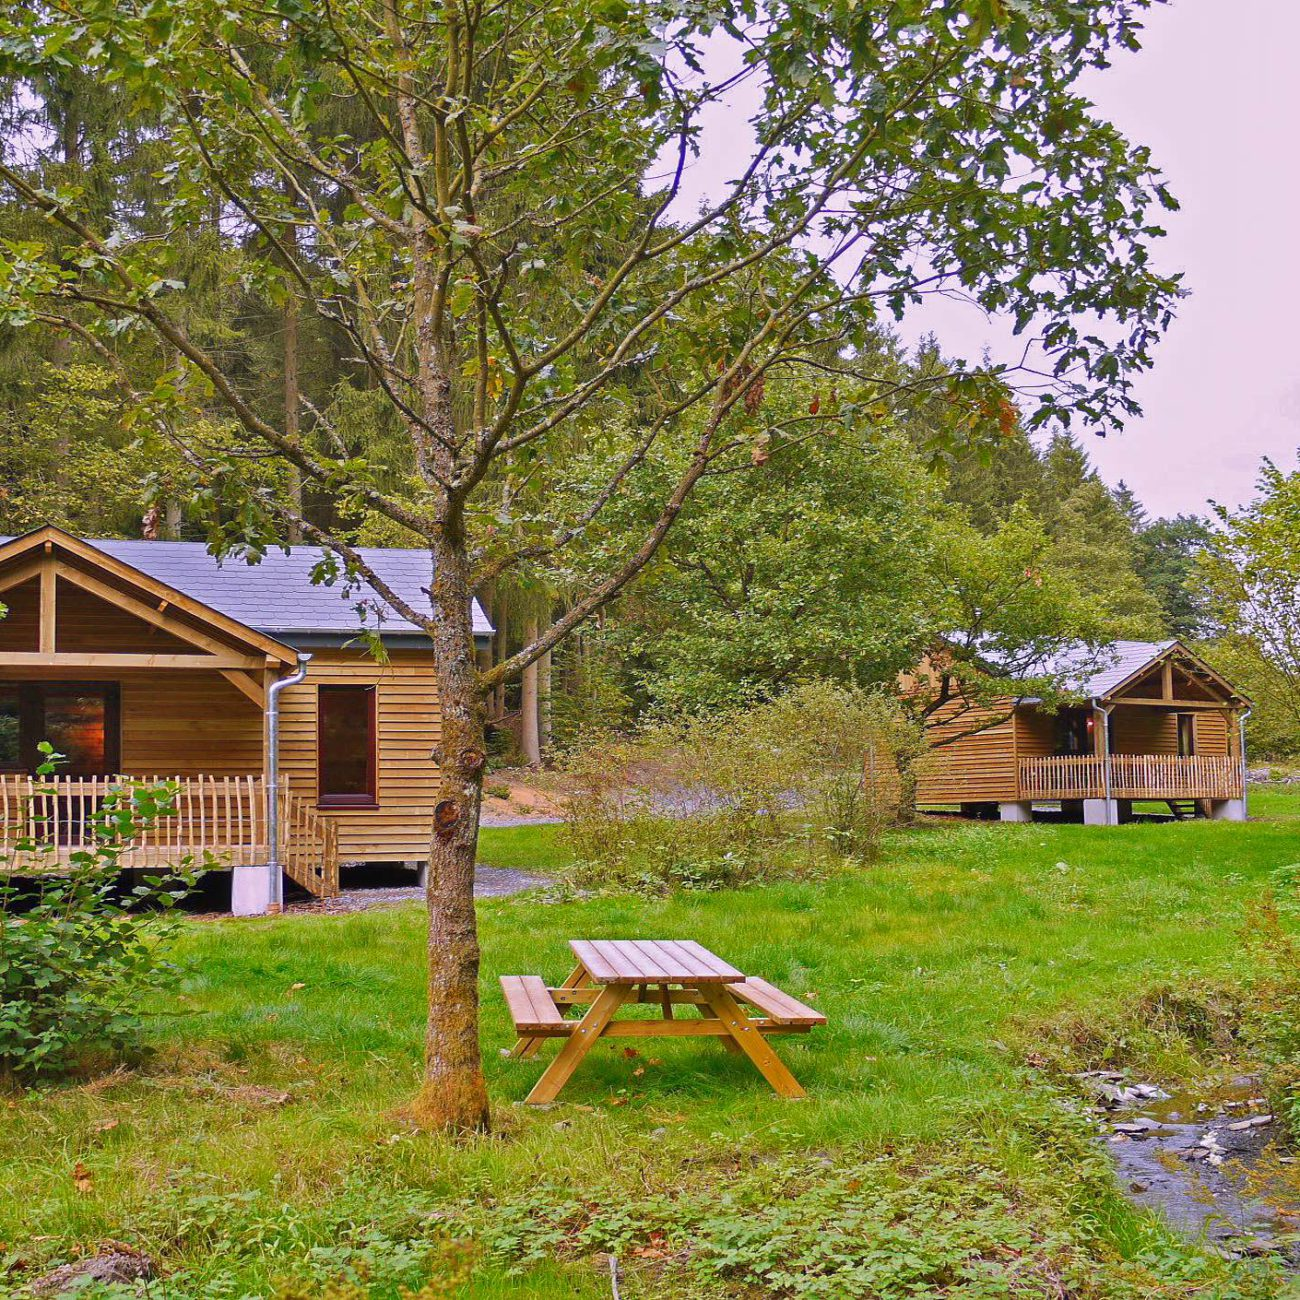 Houten vakantiehuisjes in het gras, met een picknicktafel en bos op de achtergrond.